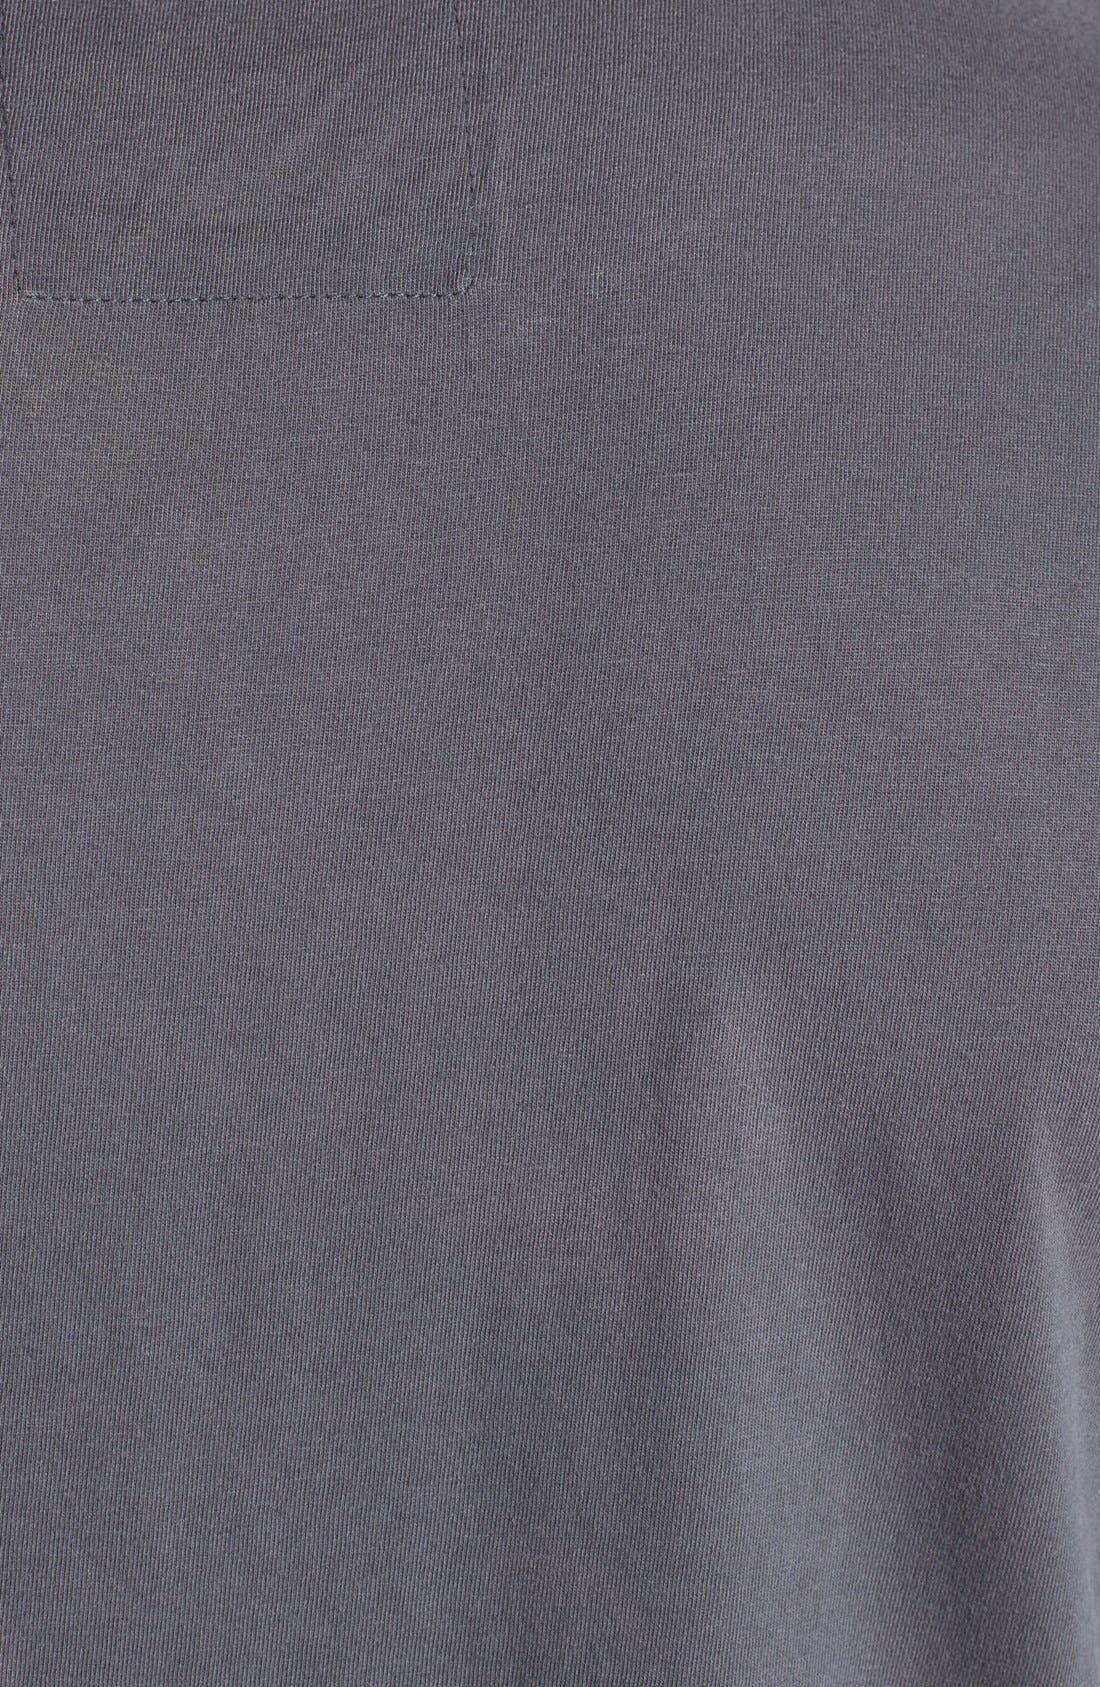 Alternate Image 3  - Red Jacket 'Yankees - Deadringer' T-Shirt